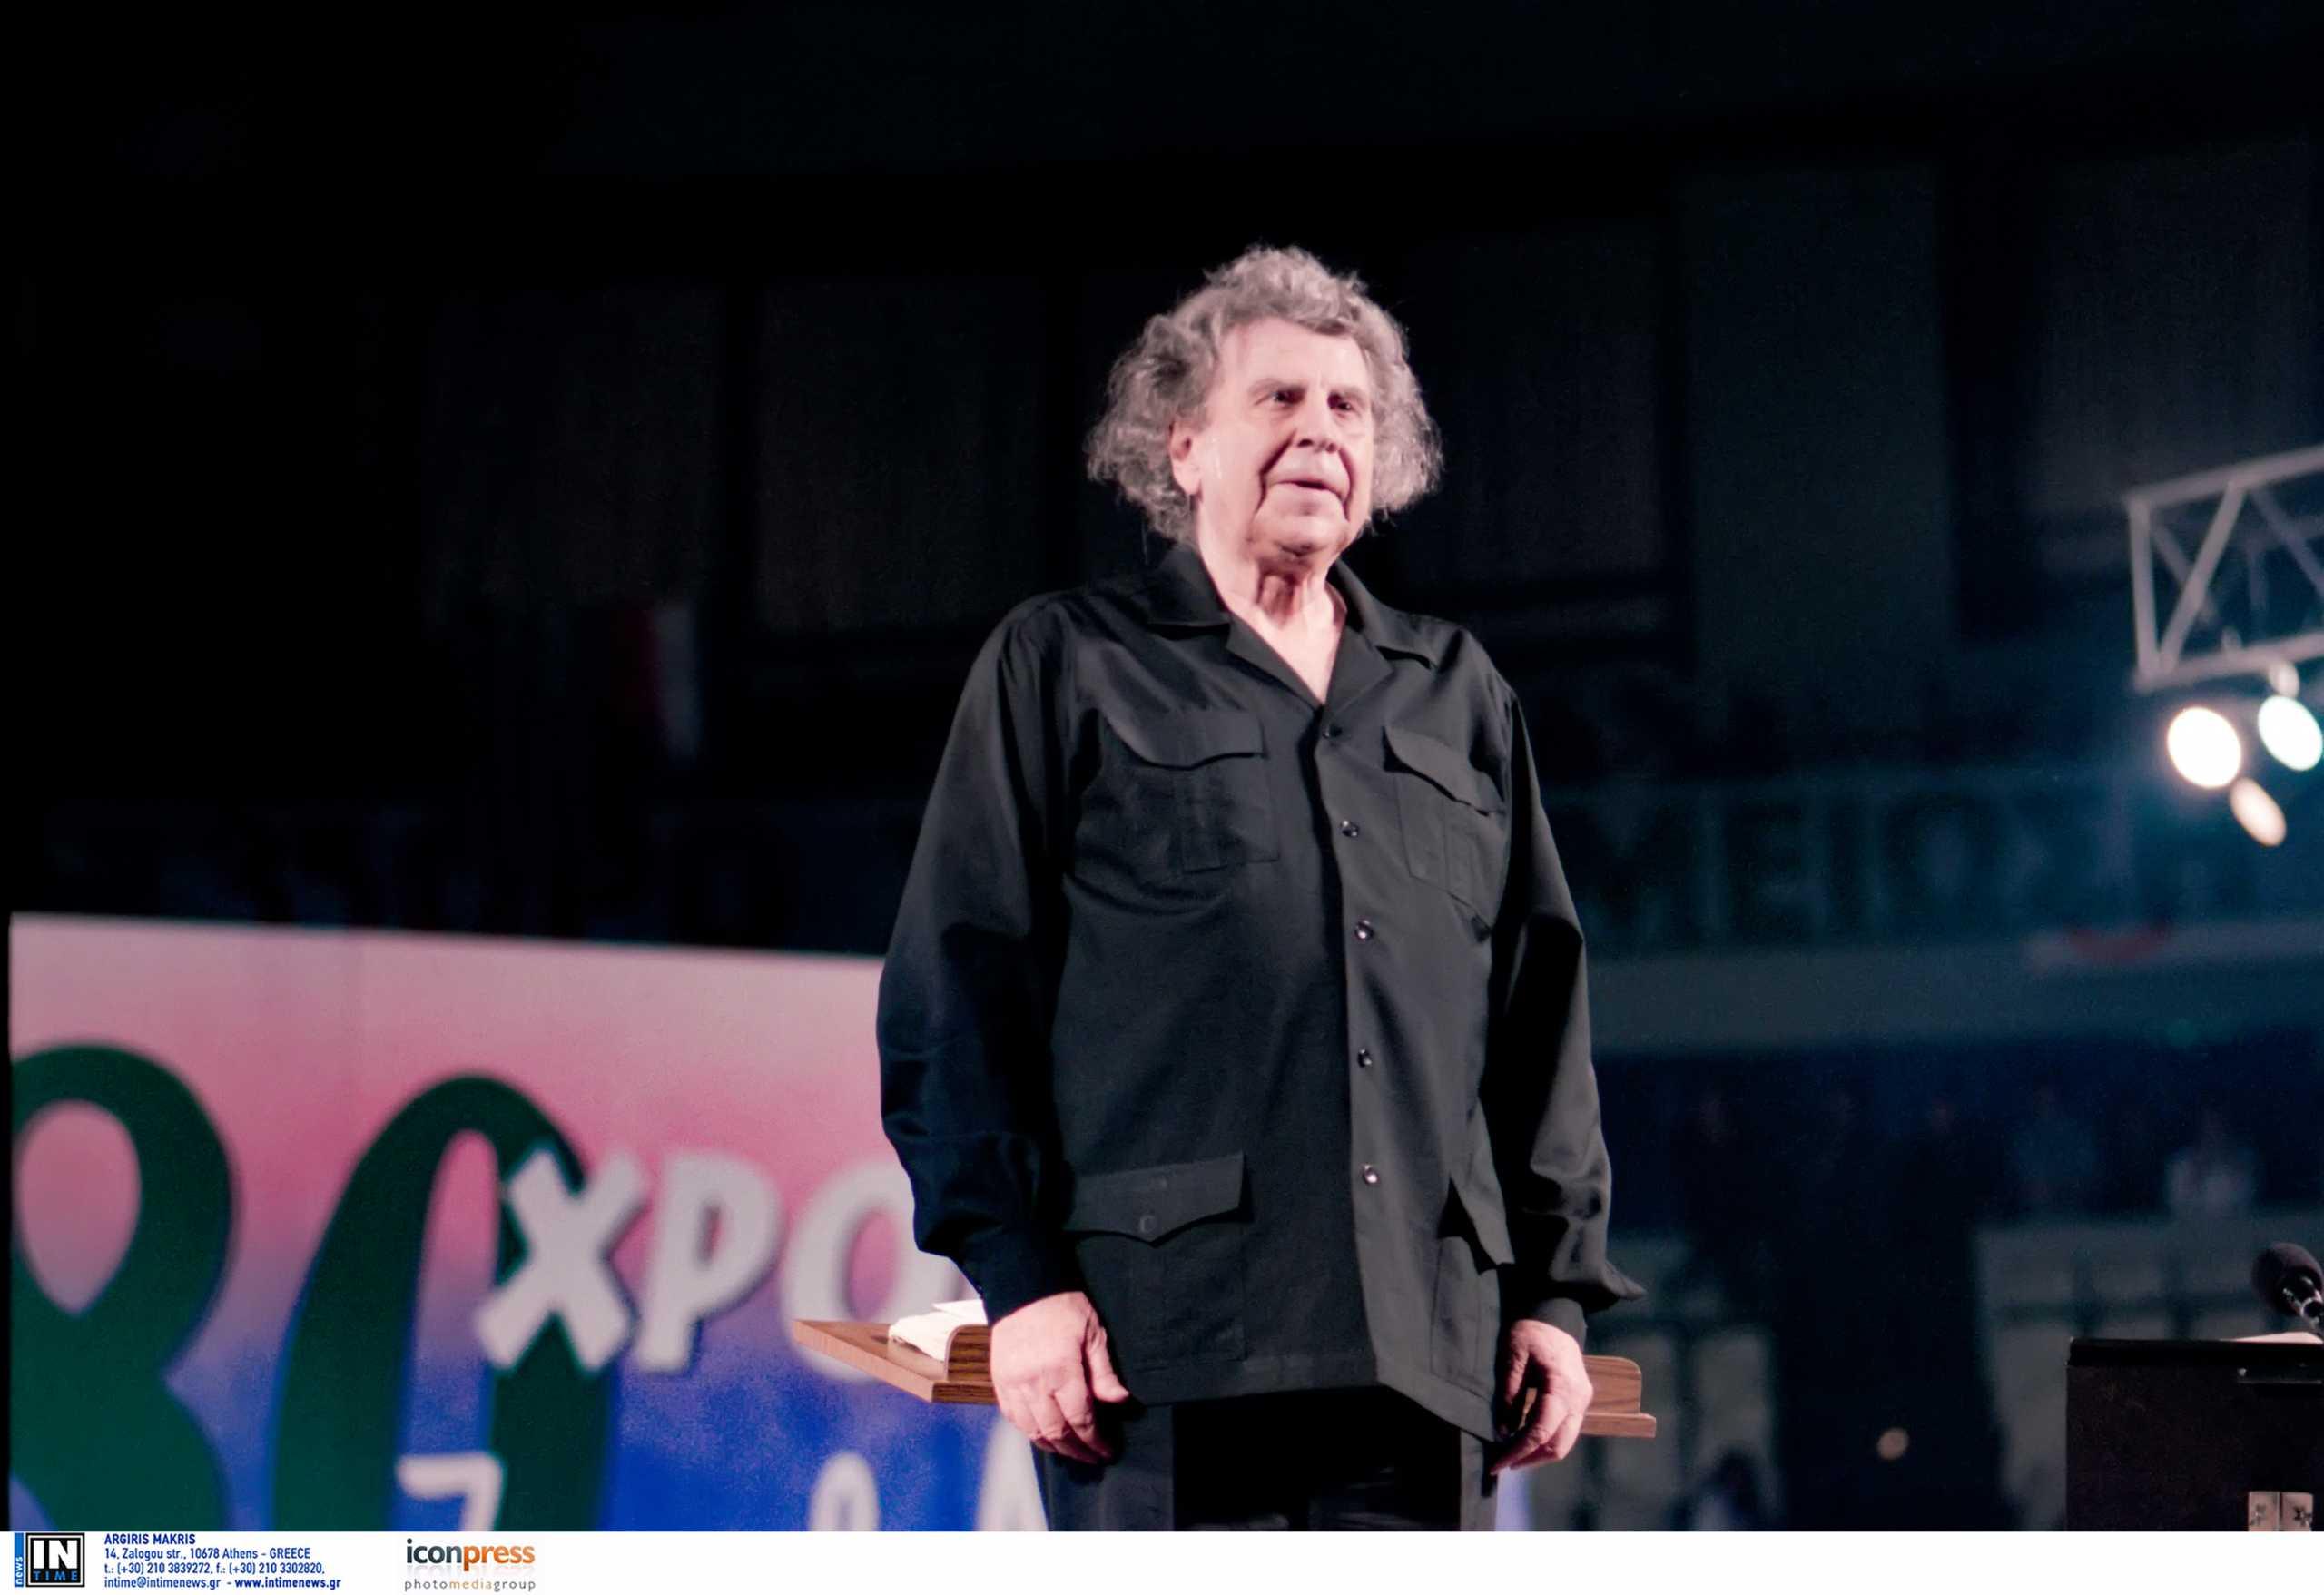 Μίκης Θεοδωράκης – Εθνικό Θέατρο: Θα ζει για πάντα μέσα στις ψυχές και στις καρδιές όλων μας